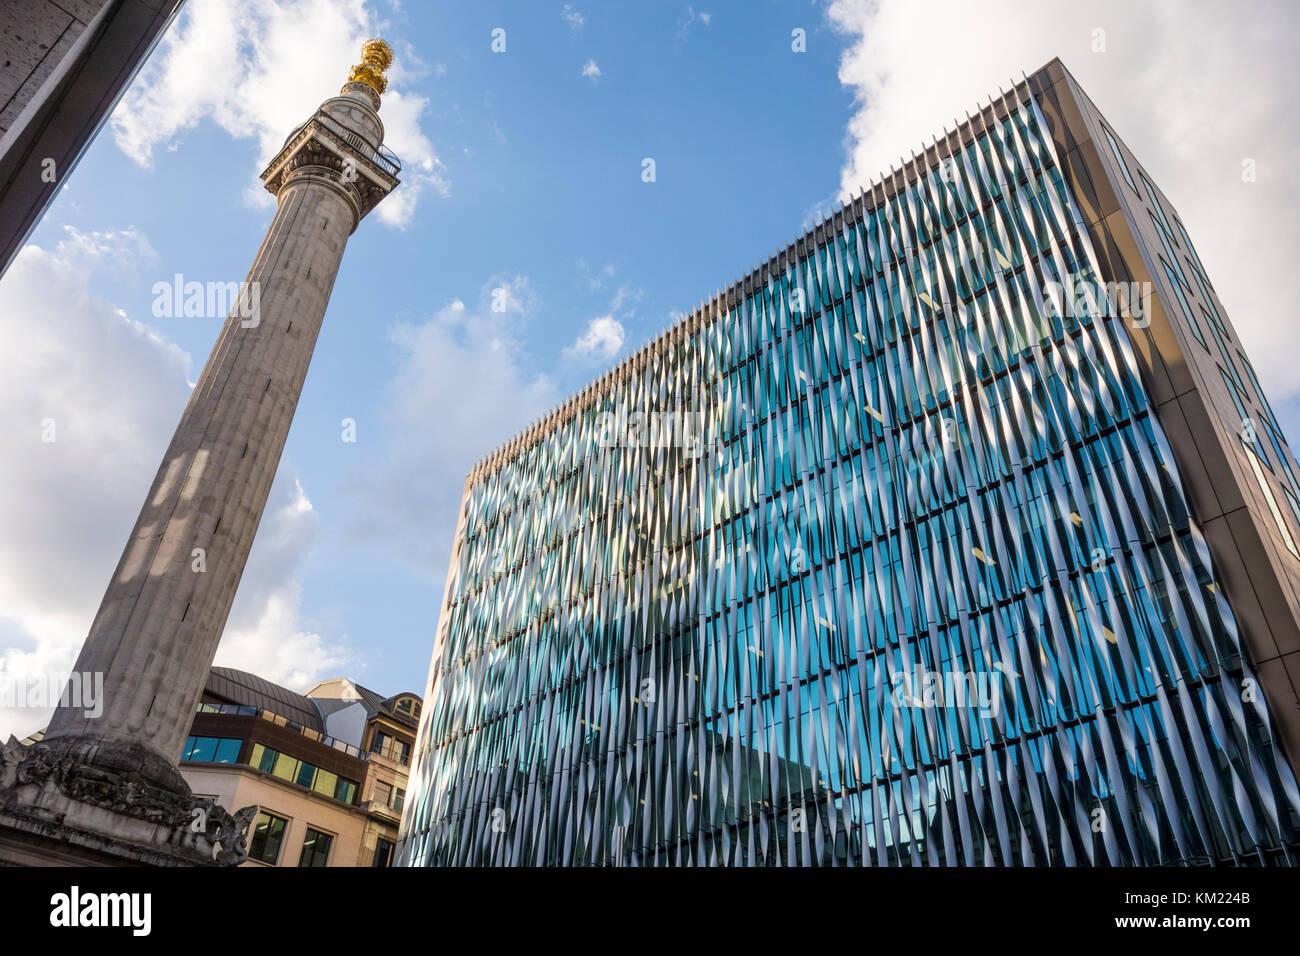 Das Monument, das Gebäude wurde von den Architekten Ken Shuttleworth's an 11-19 Monument Street, London, Stockbild